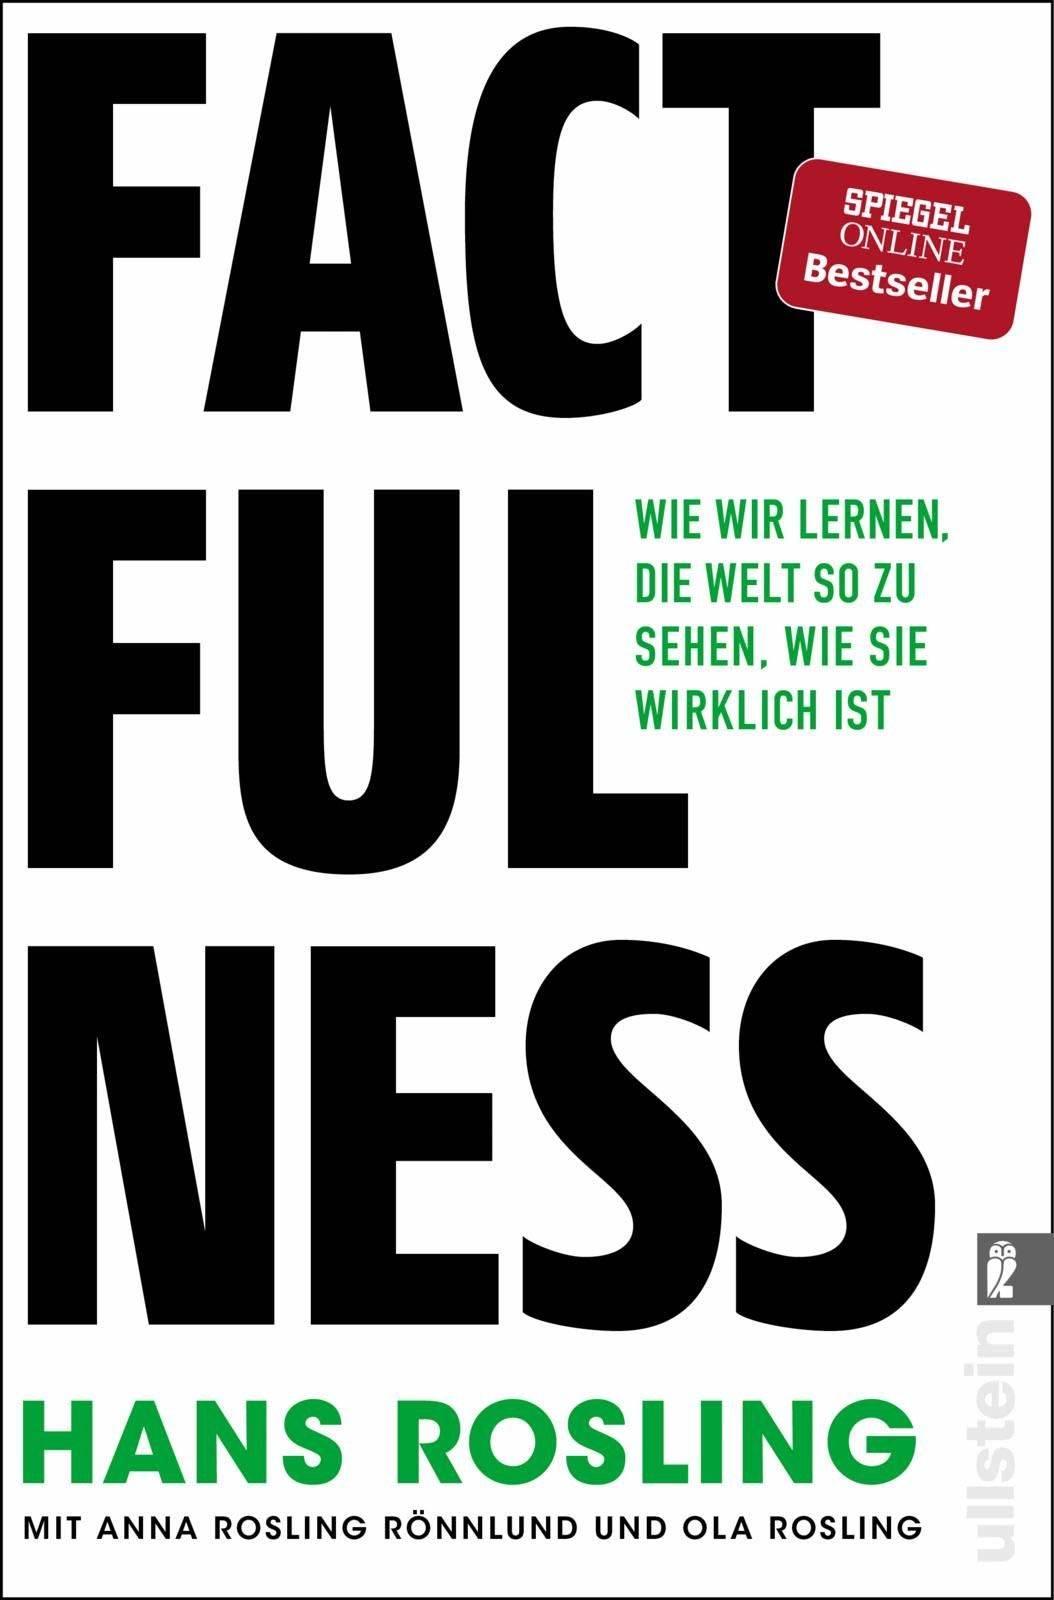 Die besten Bücher zur Persönlichkeitsentwicklung: Hans Rosling - Factfulness - Wie wir lernen, die Welt so zu sehen, wie sie wirklich ist Buchempfehlung